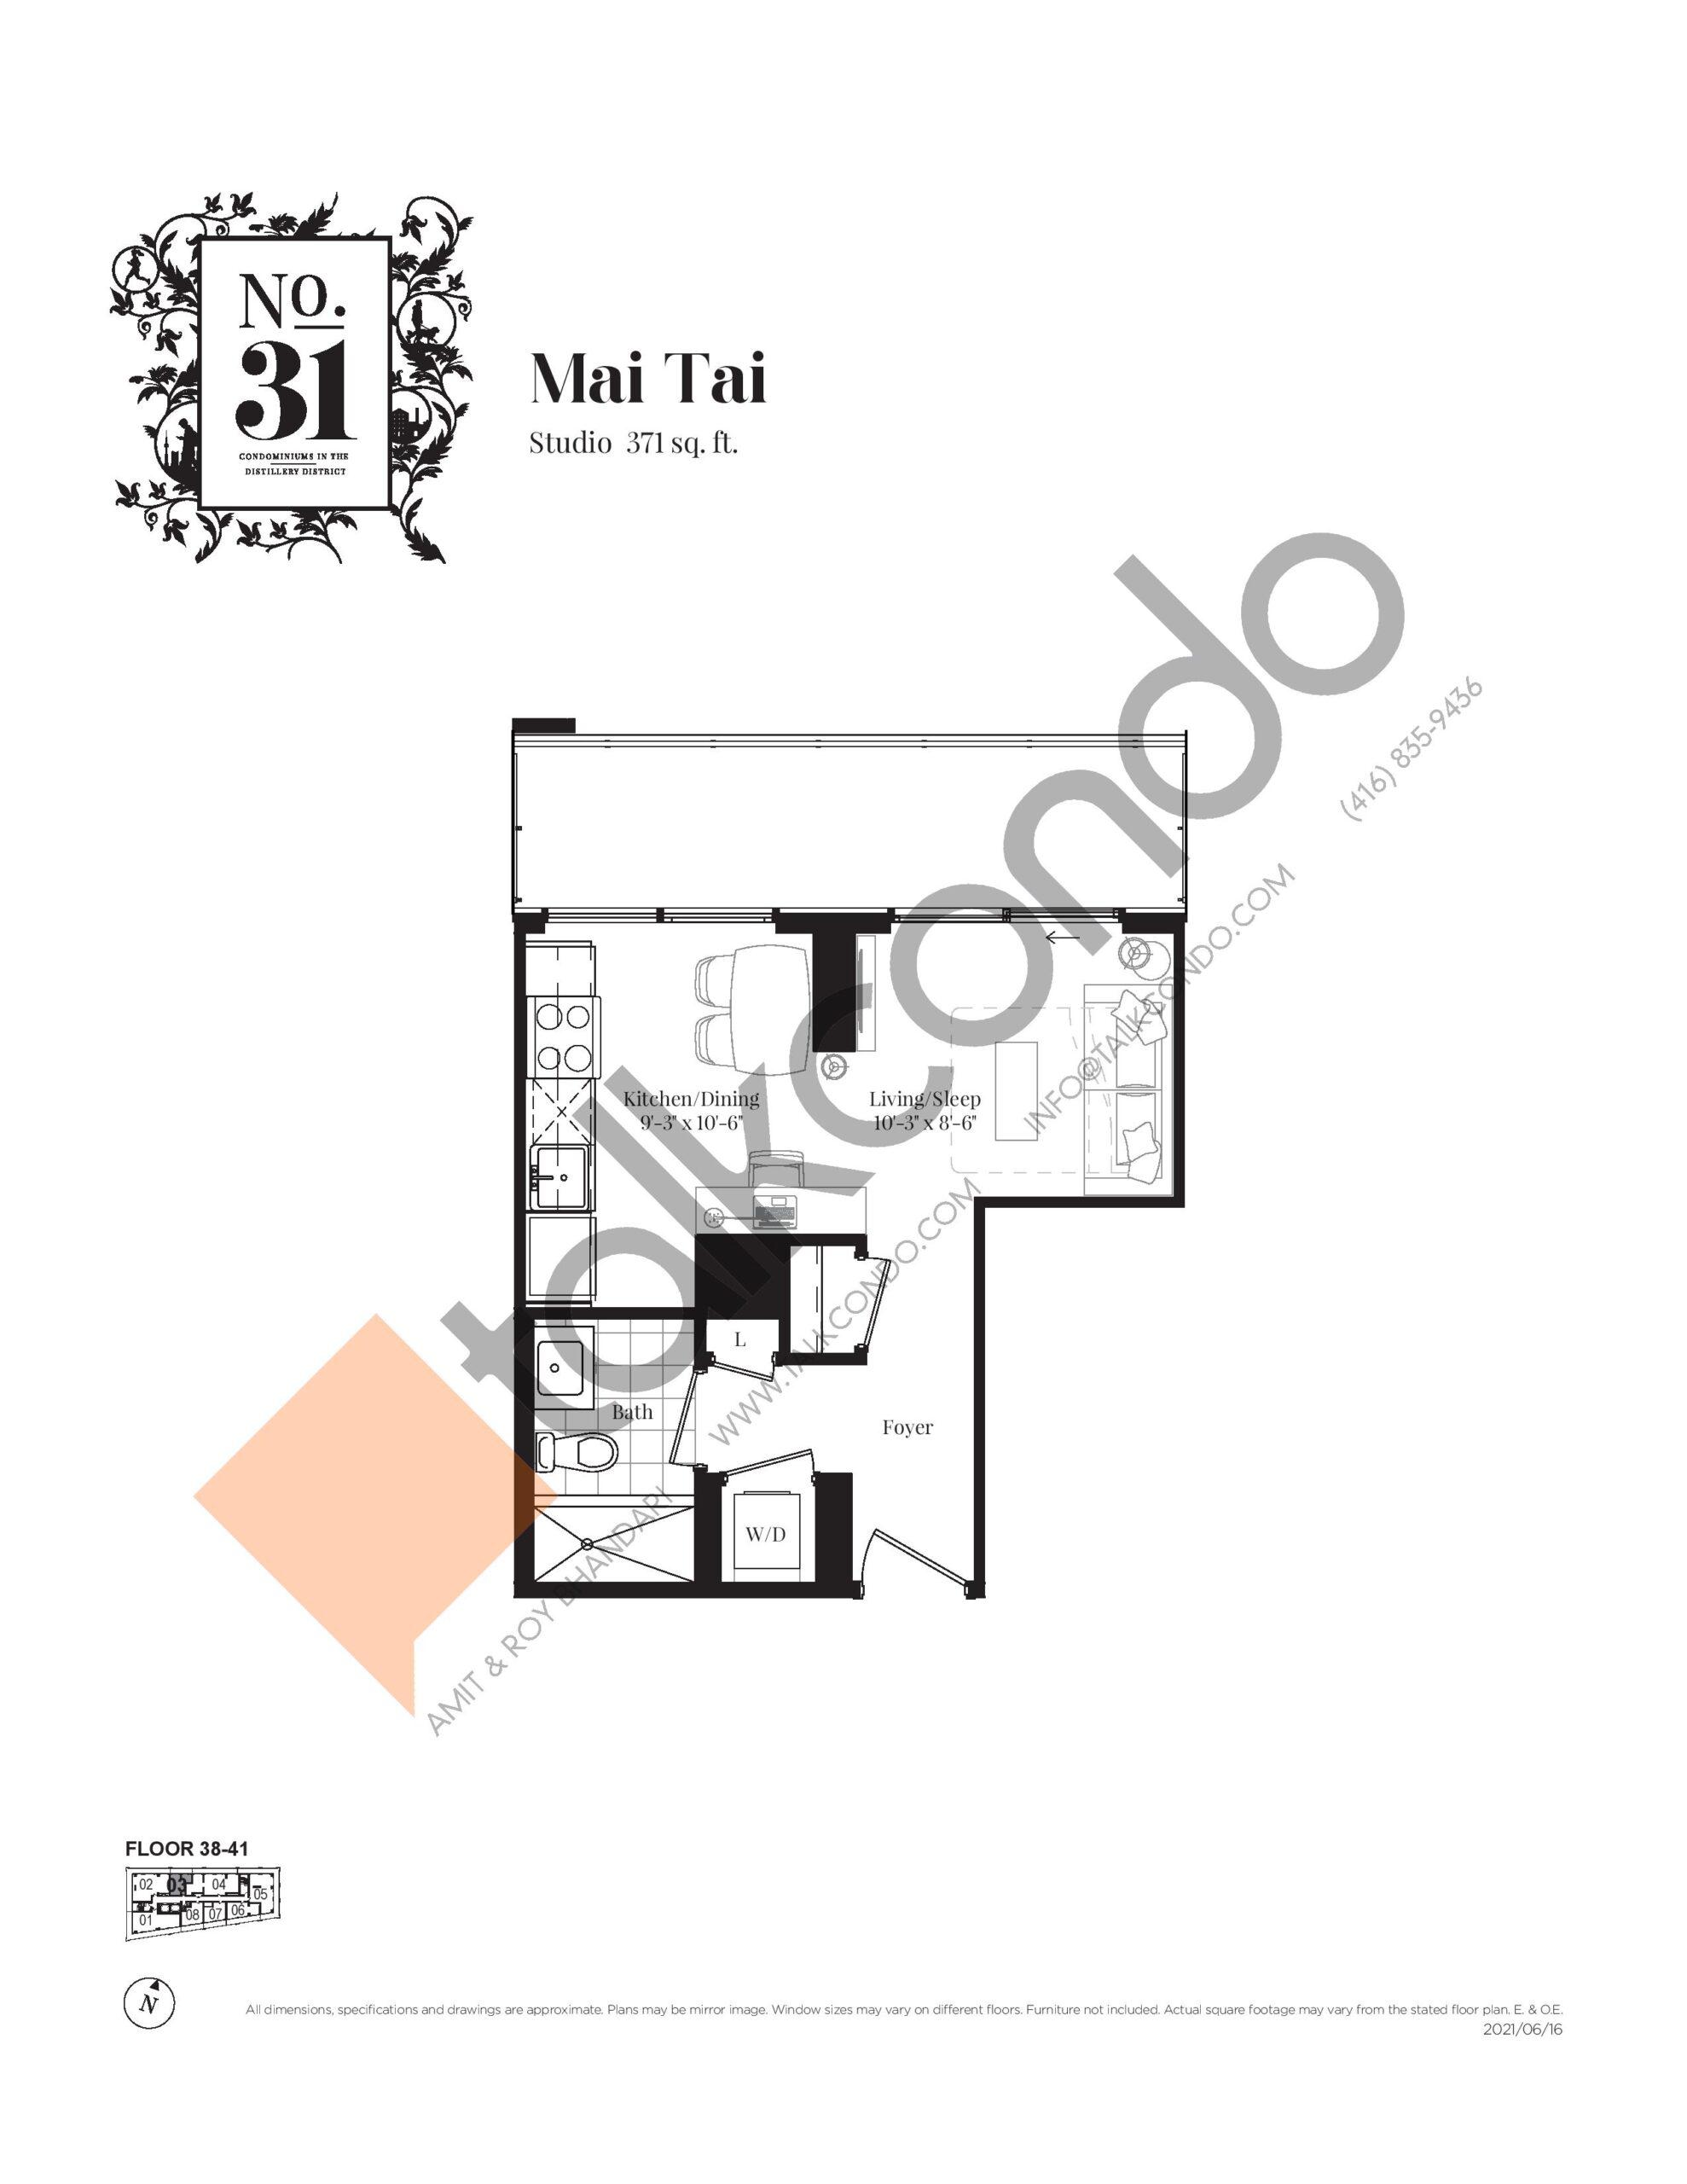 Mai Tai Floor Plan at No. 31 Condos - 371 sq.ft